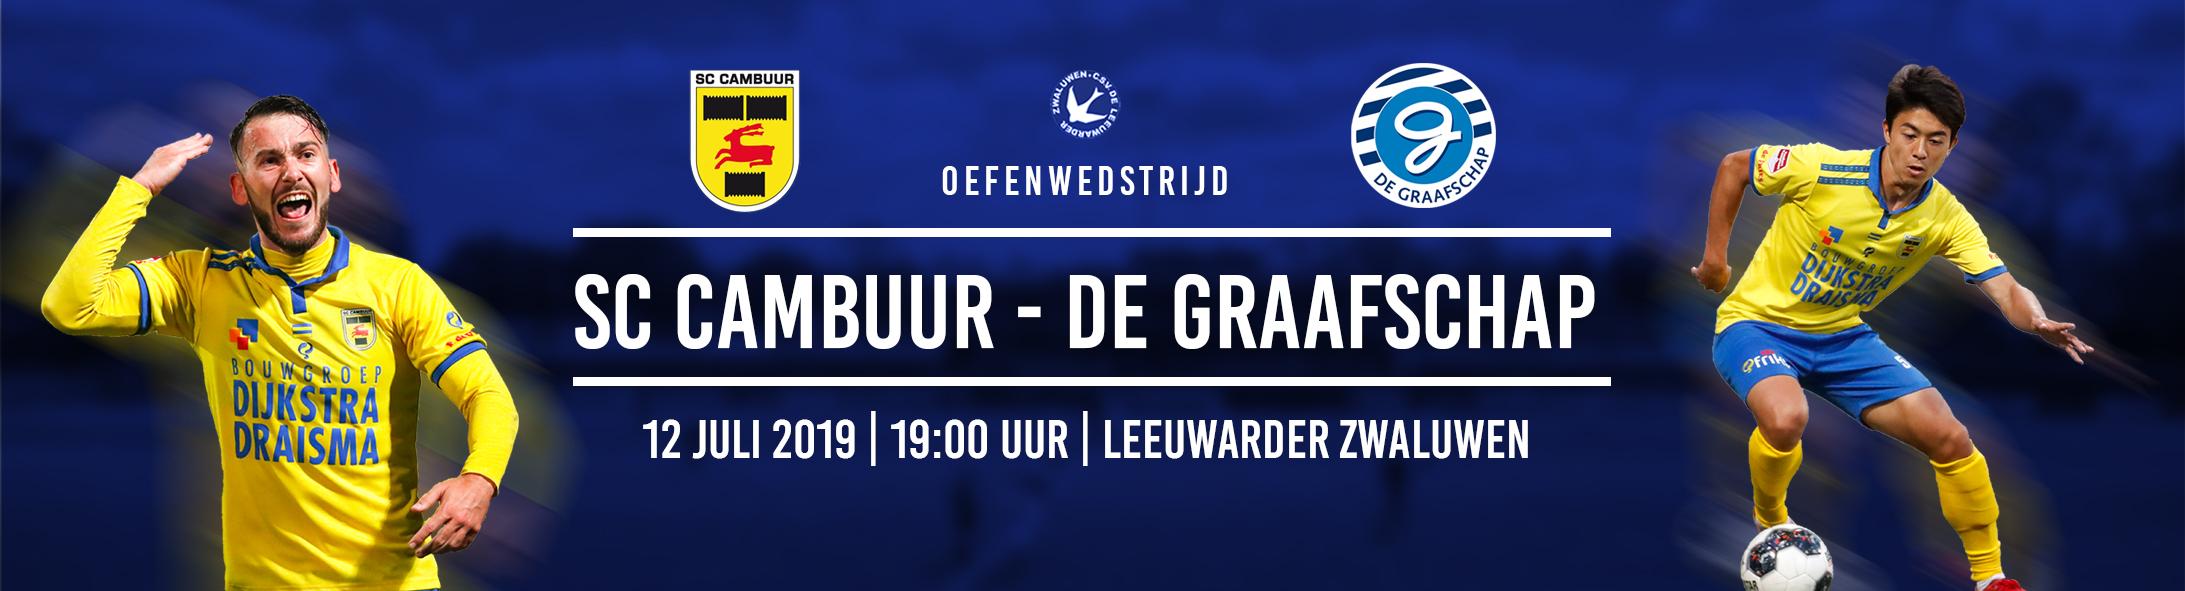 Oefenwedstrijd Cambuur - De Graafschap @ CSV De Leeuwarder Zwaluwen